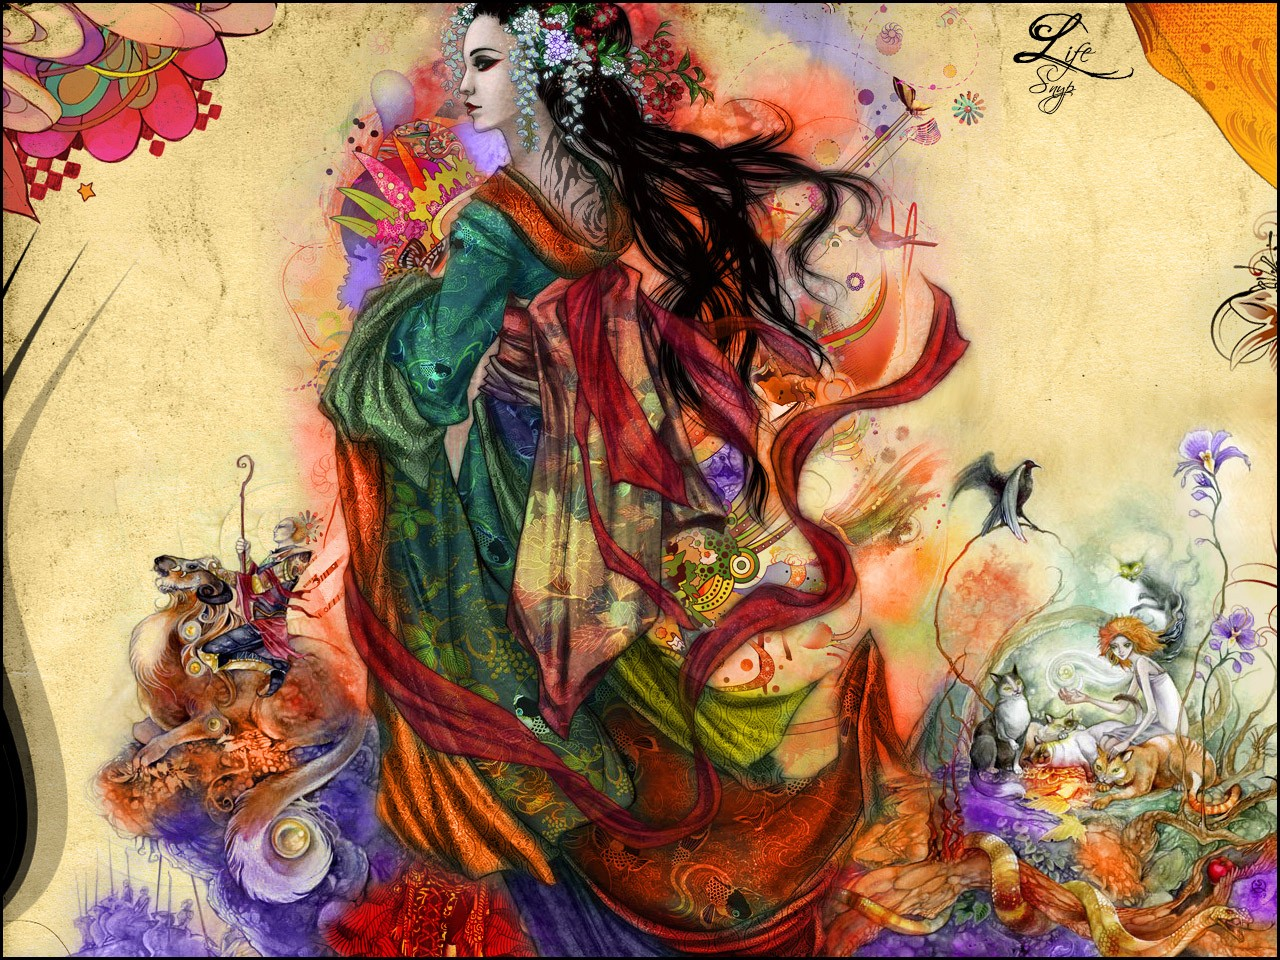 Download Geisha Wallpaper 1280x960 Wallpoper 341816 1280x960